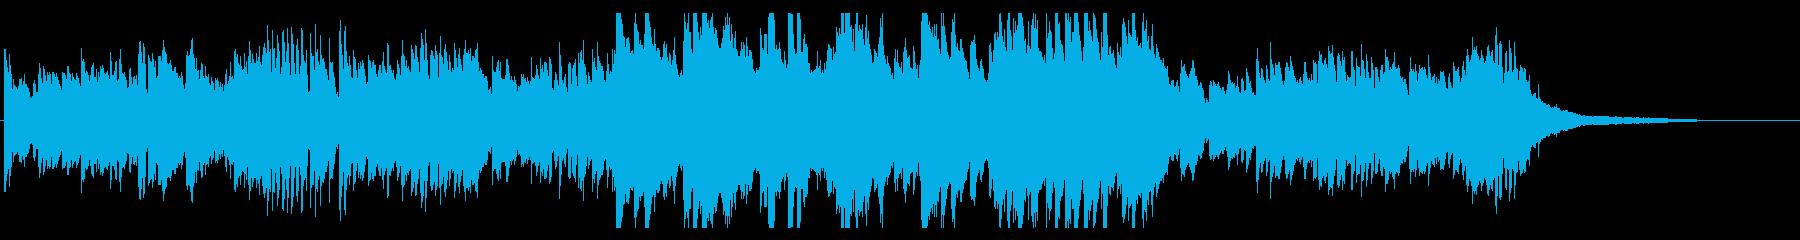 キラキラ繊細なピアノのオープニング・1分の再生済みの波形